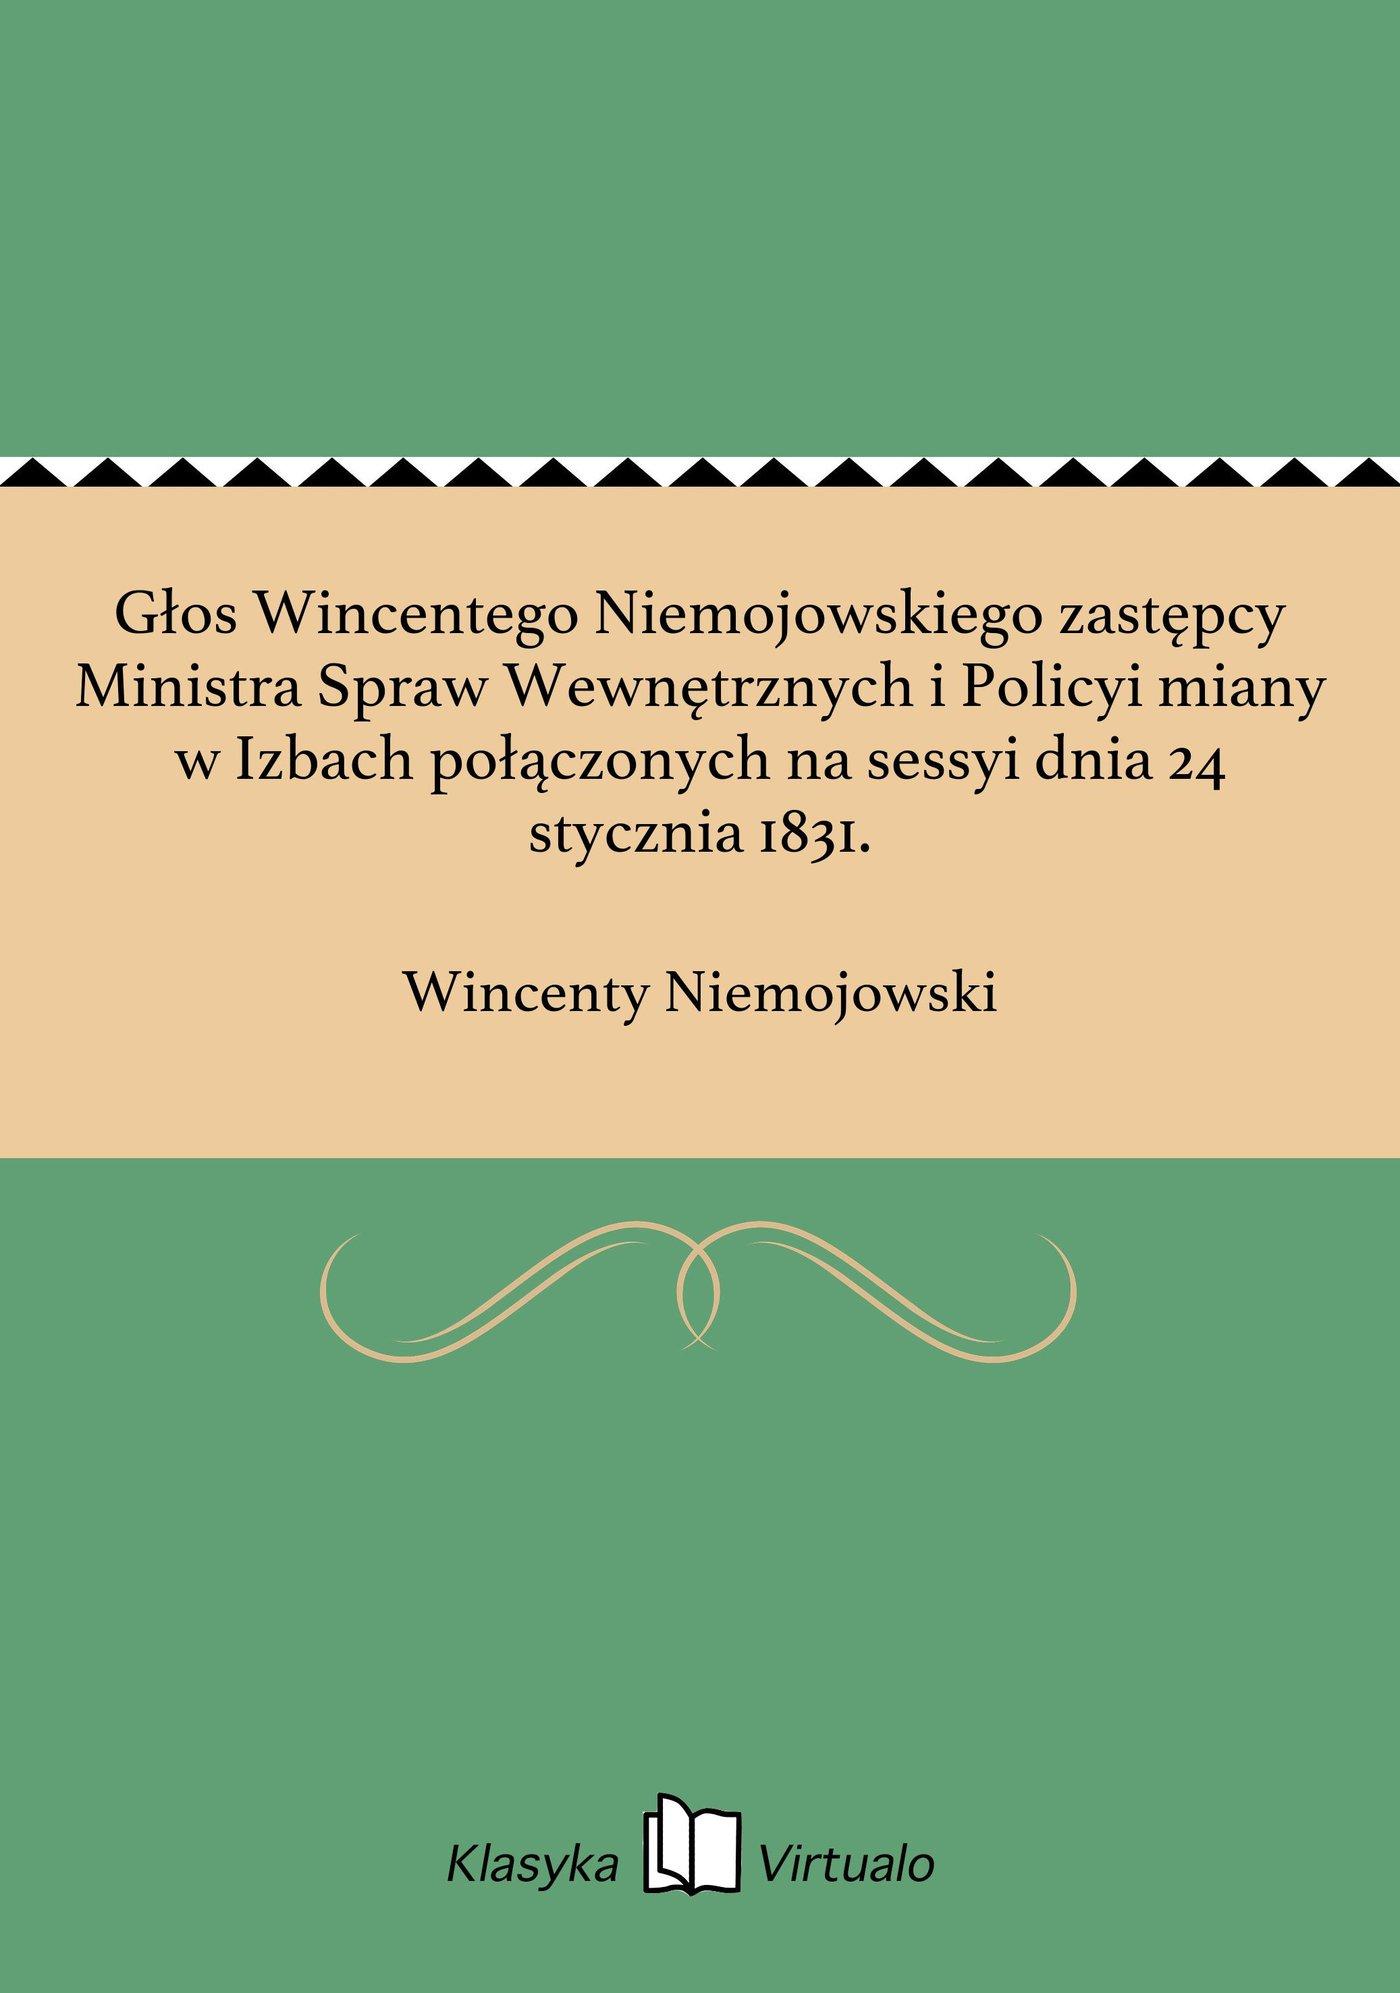 Głos Wincentego Niemojowskiego zastępcy Ministra Spraw Wewnętrznych i Policyi miany w Izbach połączonych na sessyi dnia 24 stycznia 1831. - Ebook (Książka EPUB) do pobrania w formacie EPUB